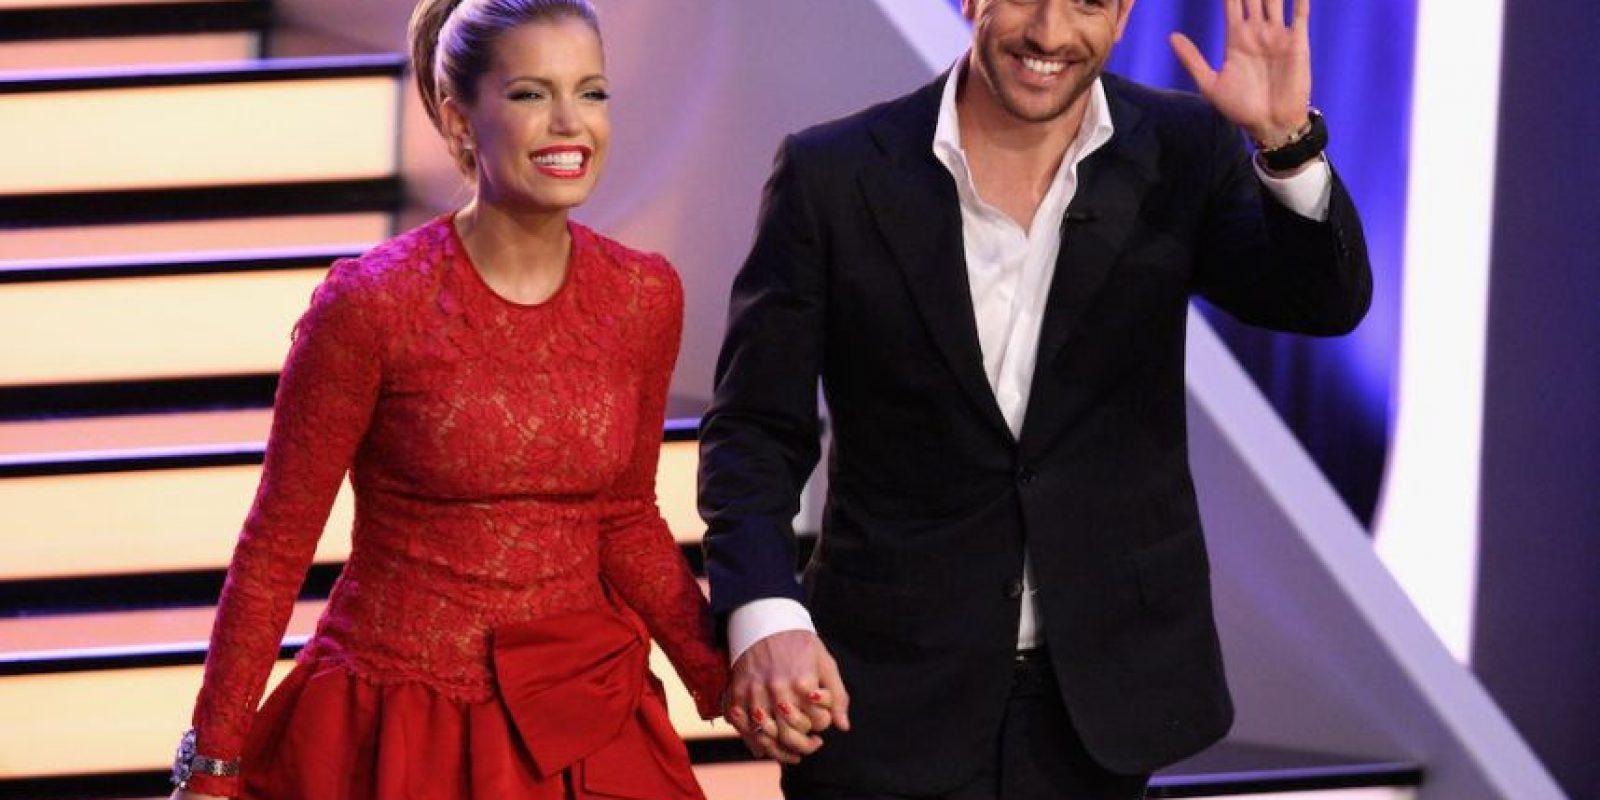 En julio de 2005, Sylvie y Rafael van der Vaart se casaron. Fue en diciembre de 2012 cuando terminó su relación. Foto:Getty Images